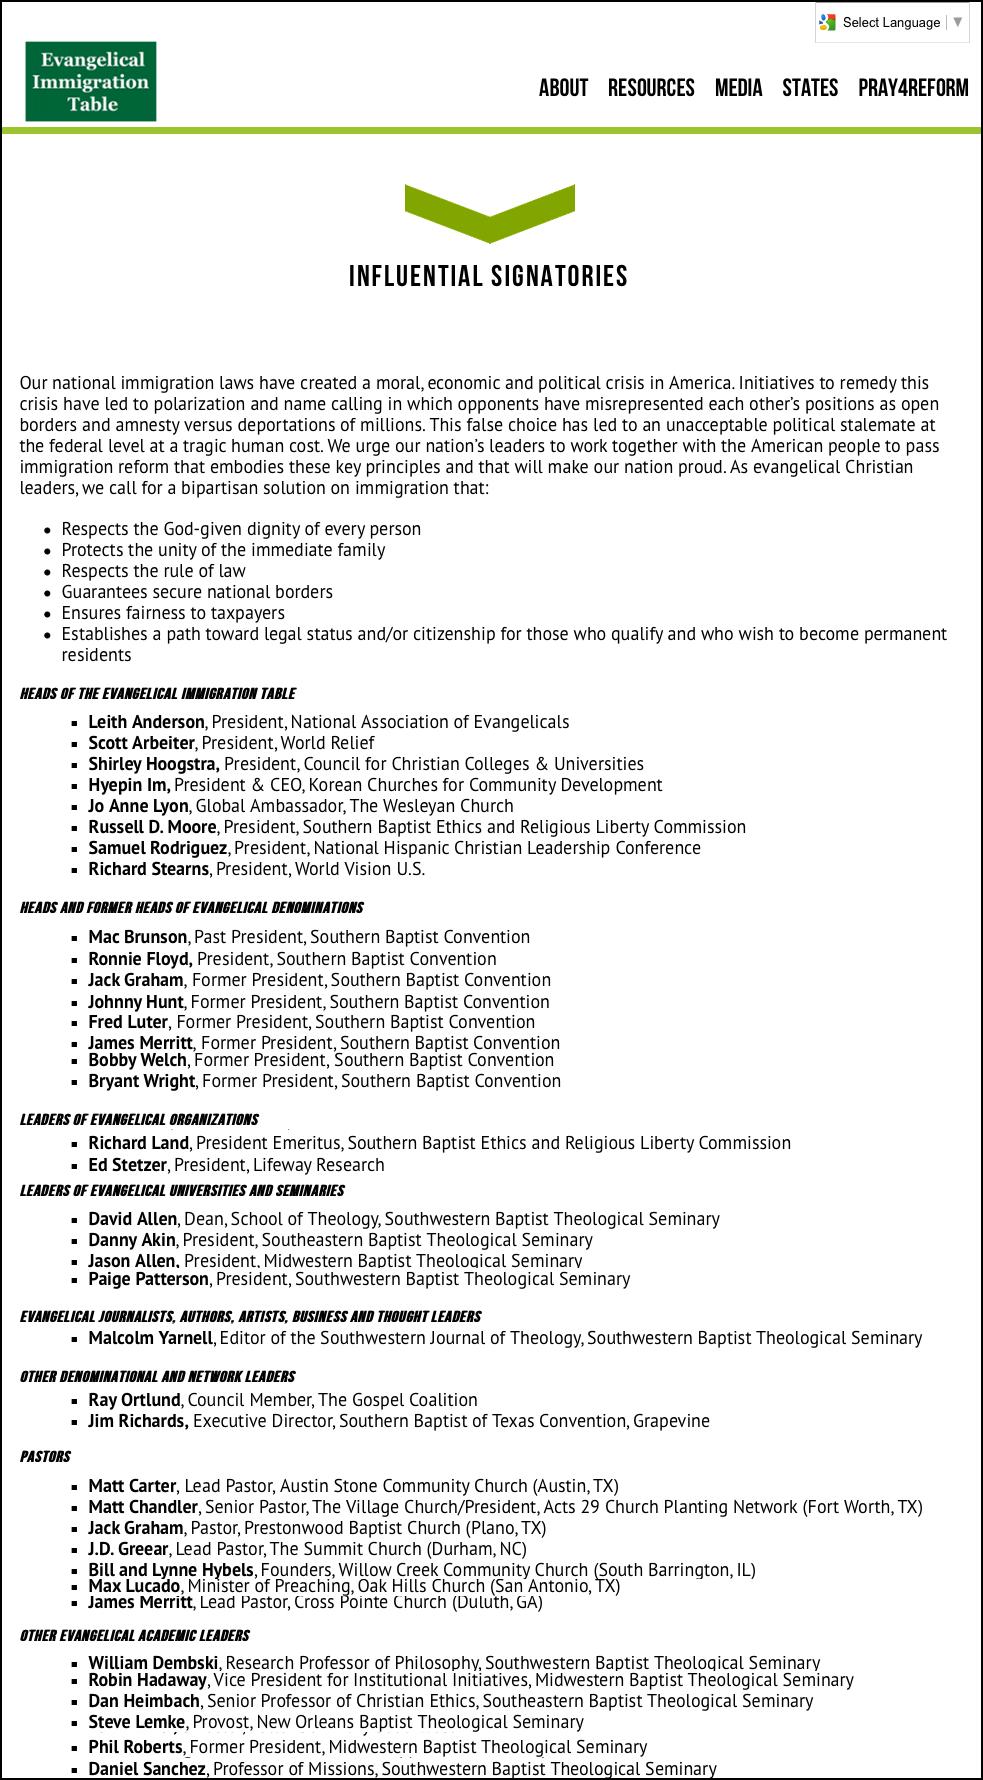 2016-10-15-eit-influential-sbc-signatories